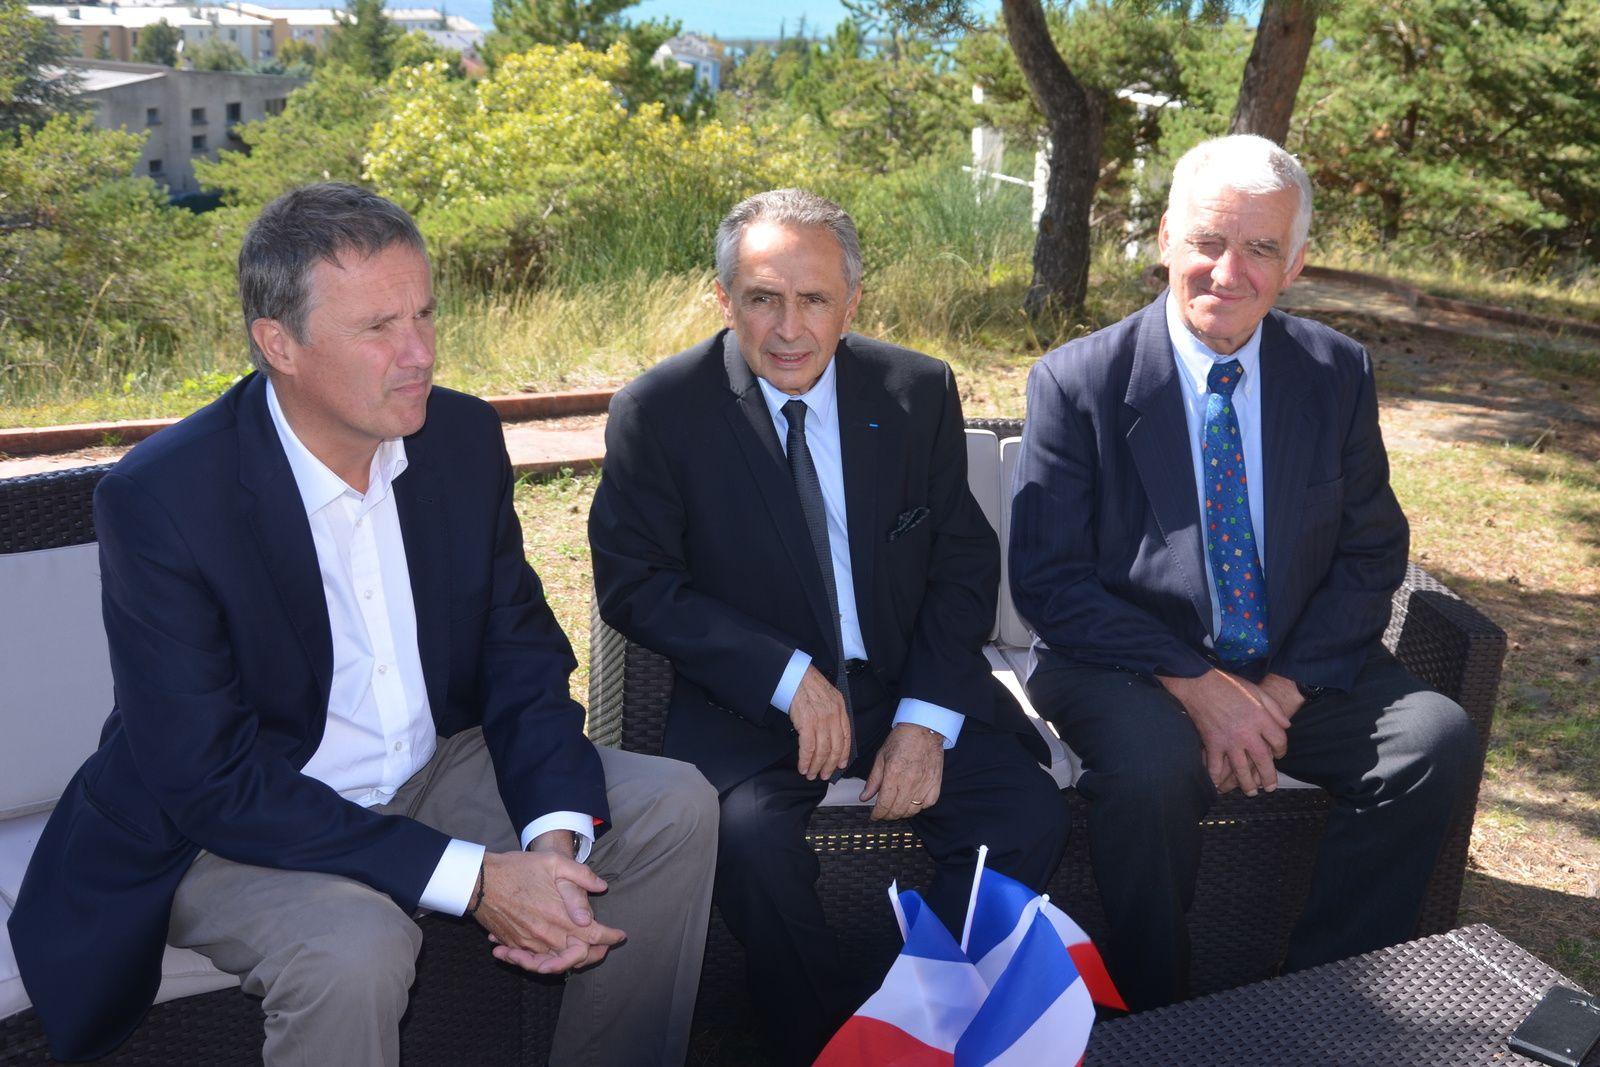 La Provence Les Alpes - Site Internet : DUPONT-AIGNAN invité par Victor BERENGUEL